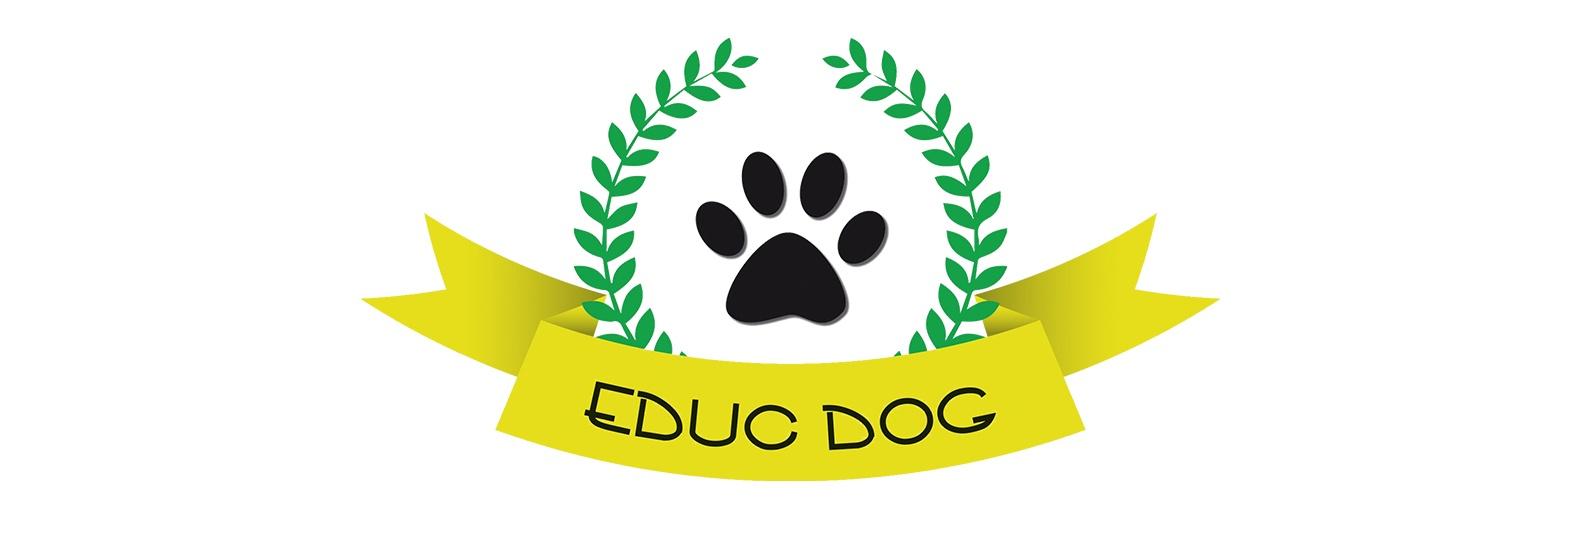 educdog_4.jpg